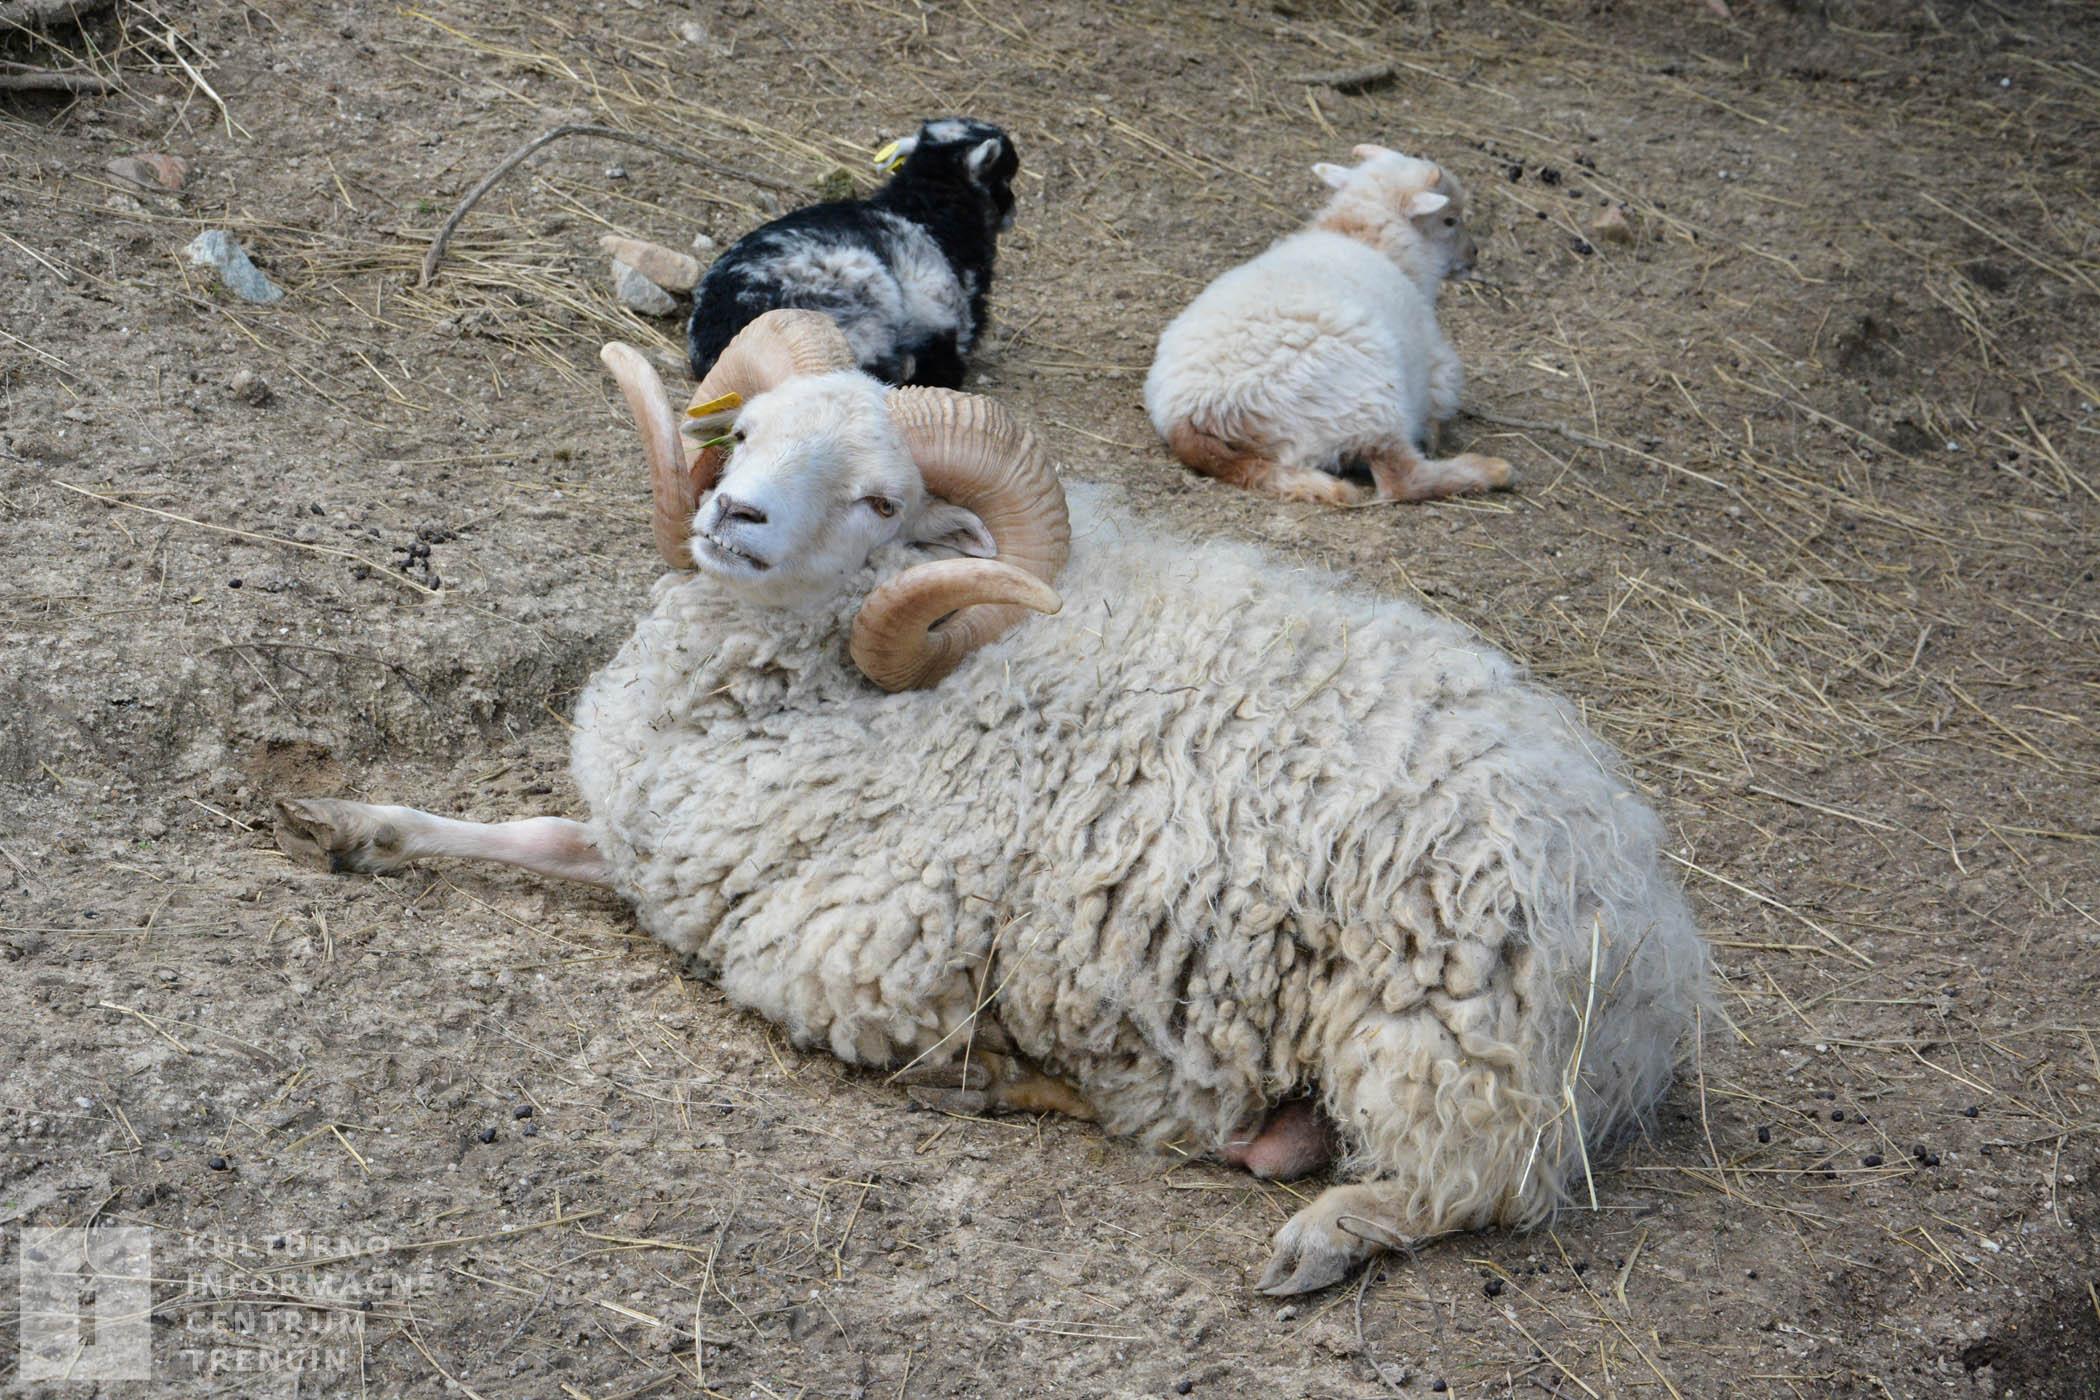 V zverinci chovajú ovce plemena Quessant, ktoré patrí medzi najmenšie na svete už od roku 2007.